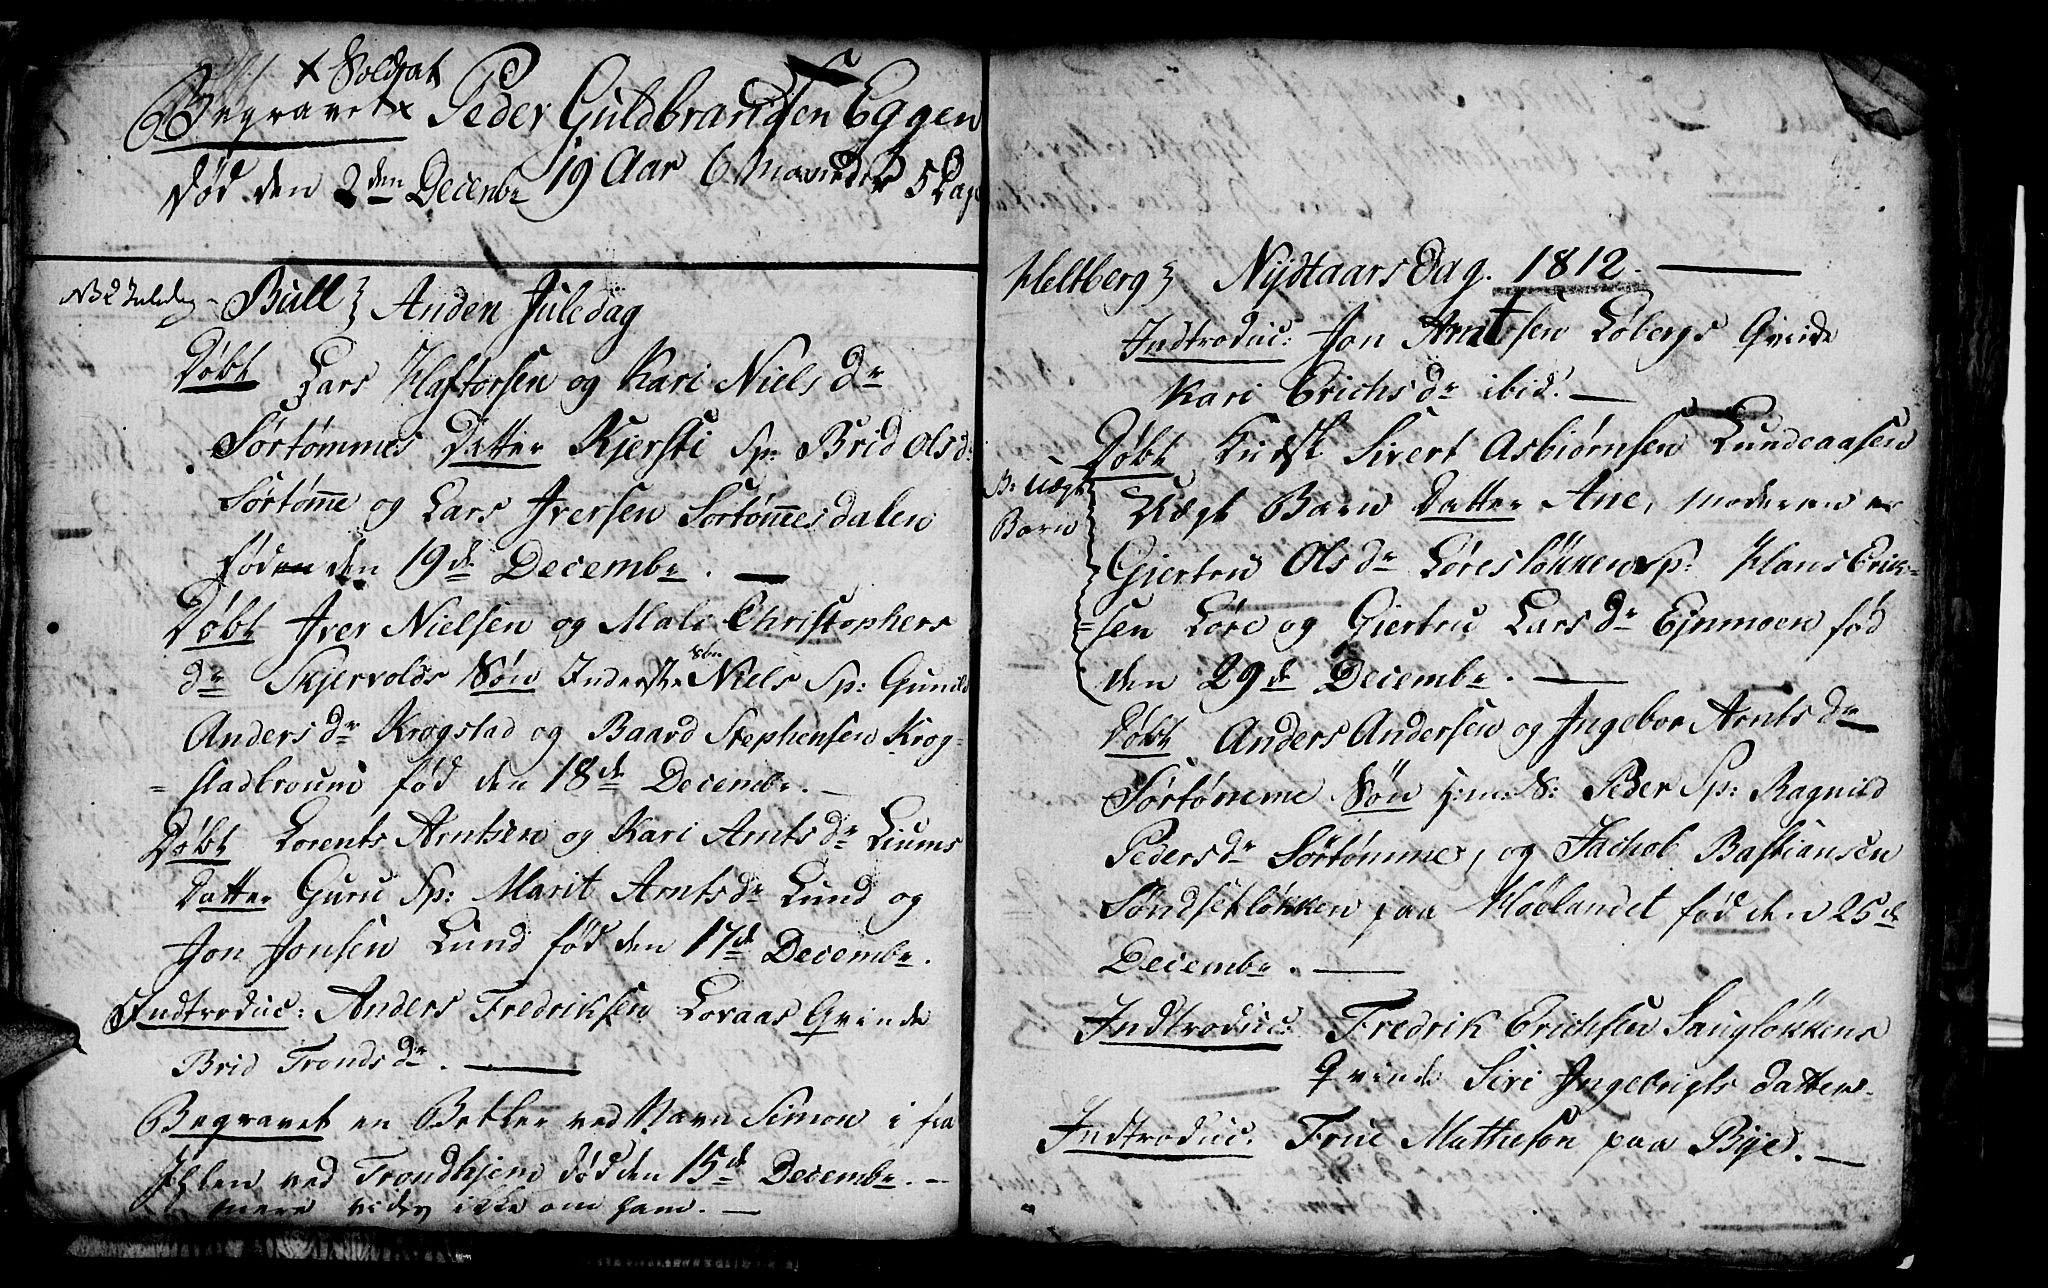 SAT, Ministerialprotokoller, klokkerbøker og fødselsregistre - Sør-Trøndelag, 692/L1107: Klokkerbok nr. 692C02, 1809-1824